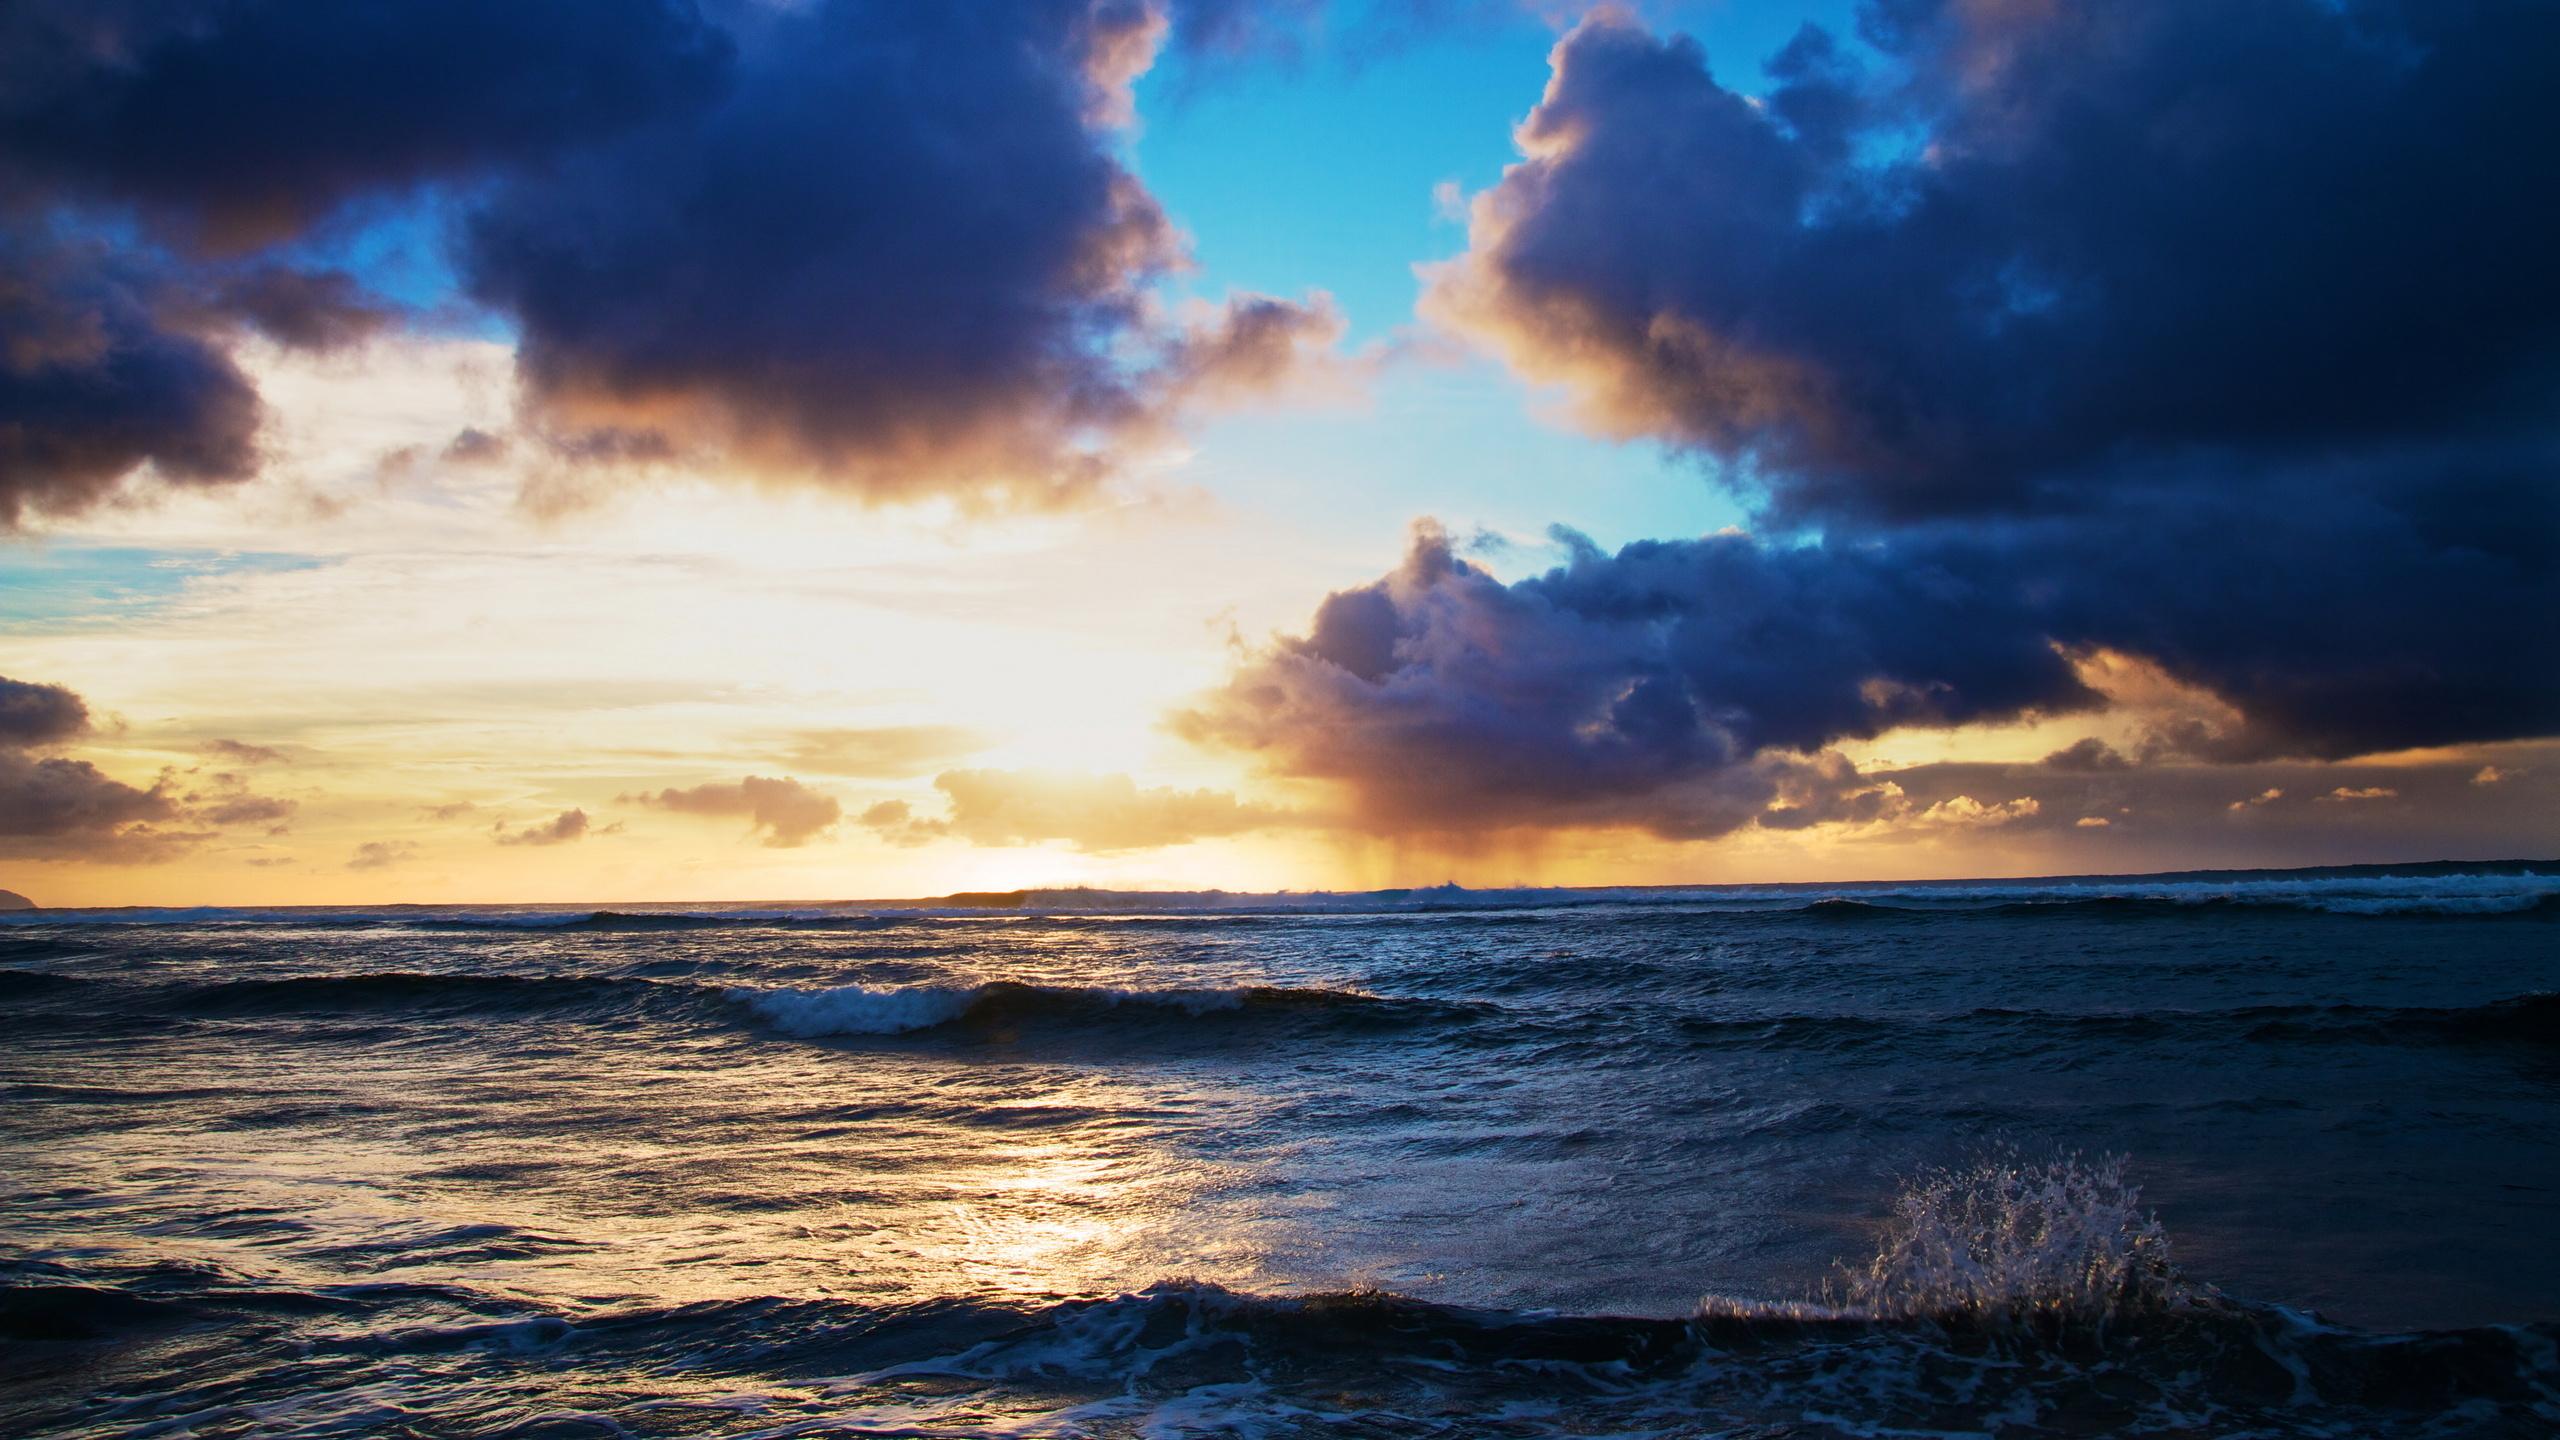 Hawaii Sunset wallpaper - 1016721